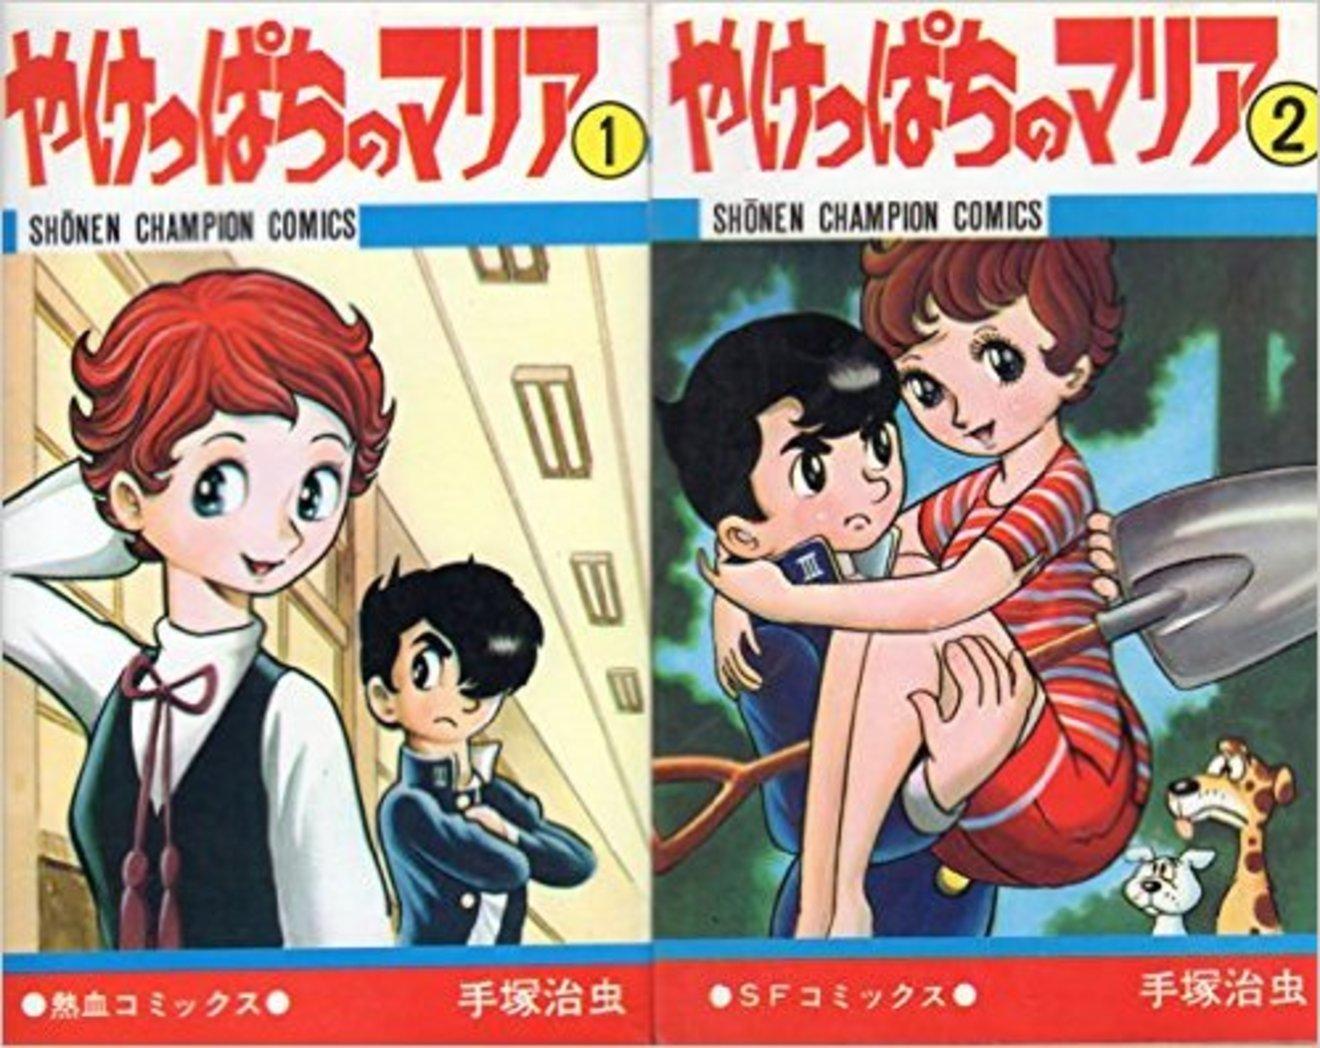 手塚治虫のおすすめ漫画5選!大人向け、名言も楽しめる名作